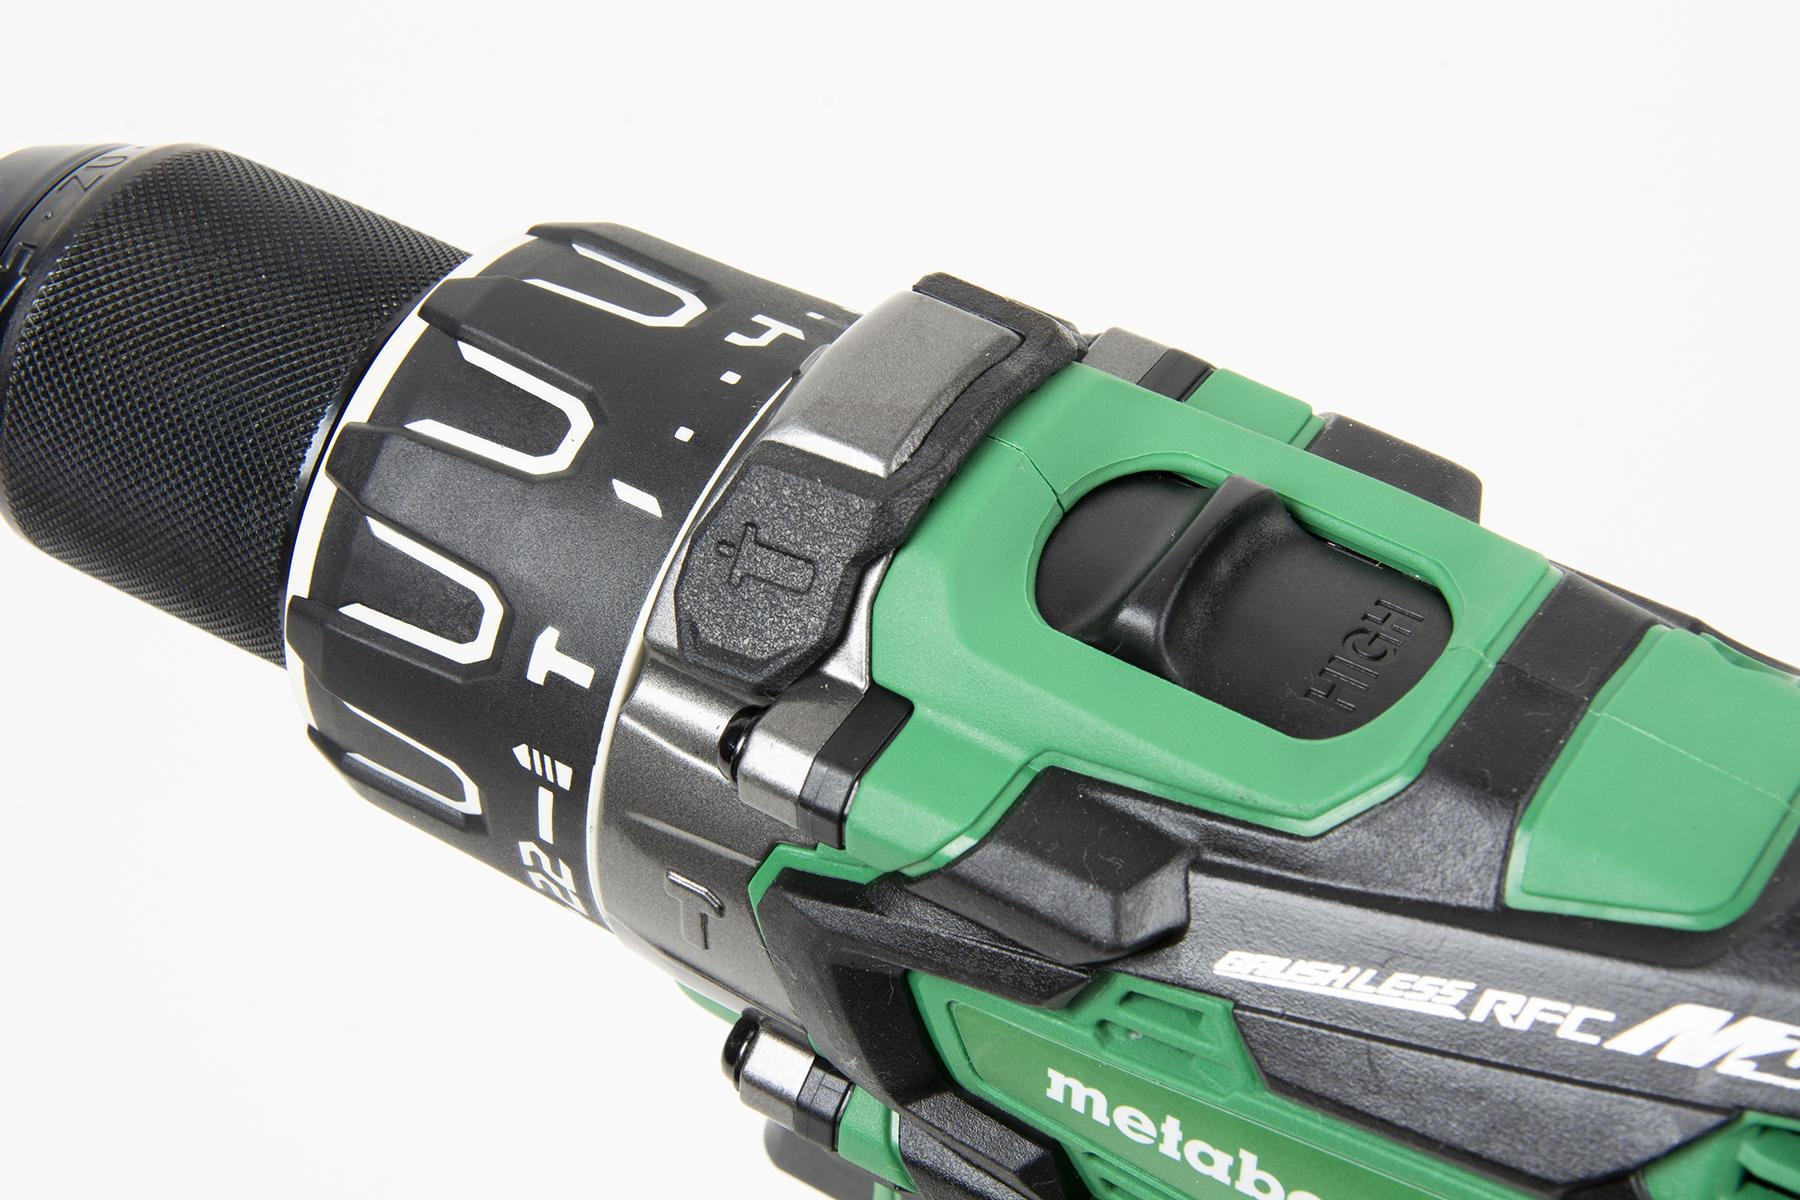 Multivolt Hammer Drill DETAIL 2